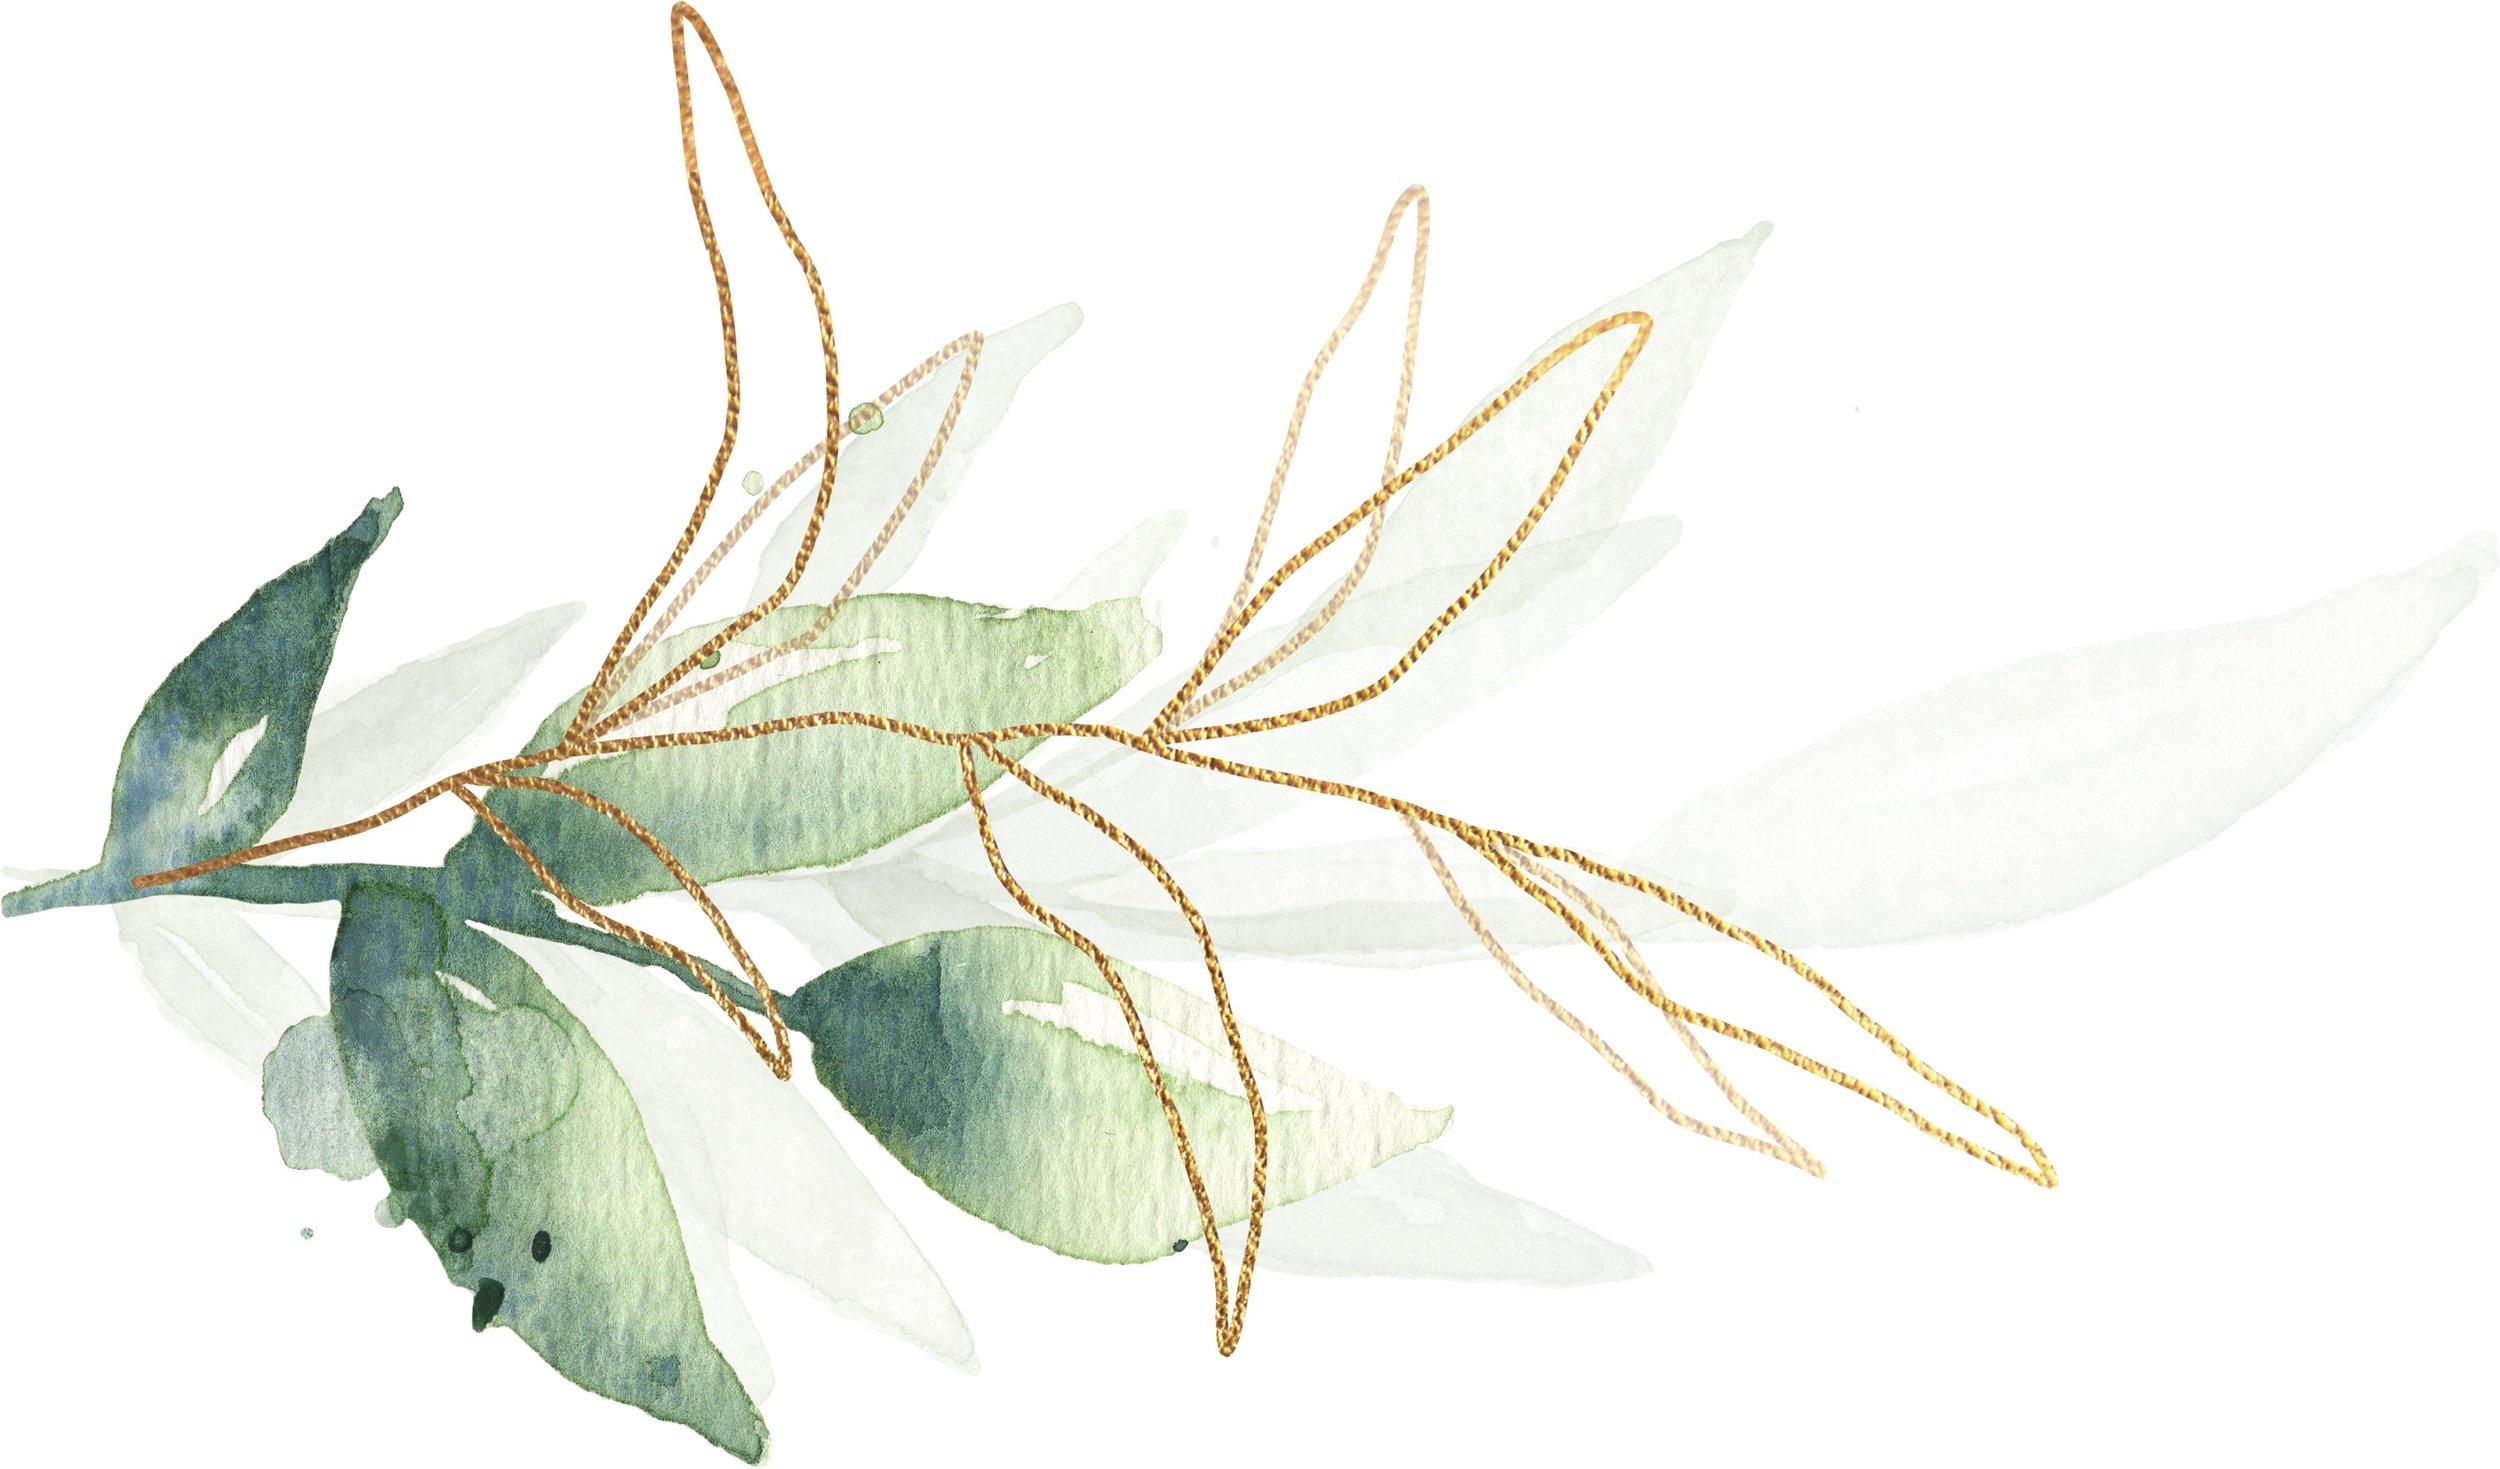 gold_leaf_arrangement_05.jpg